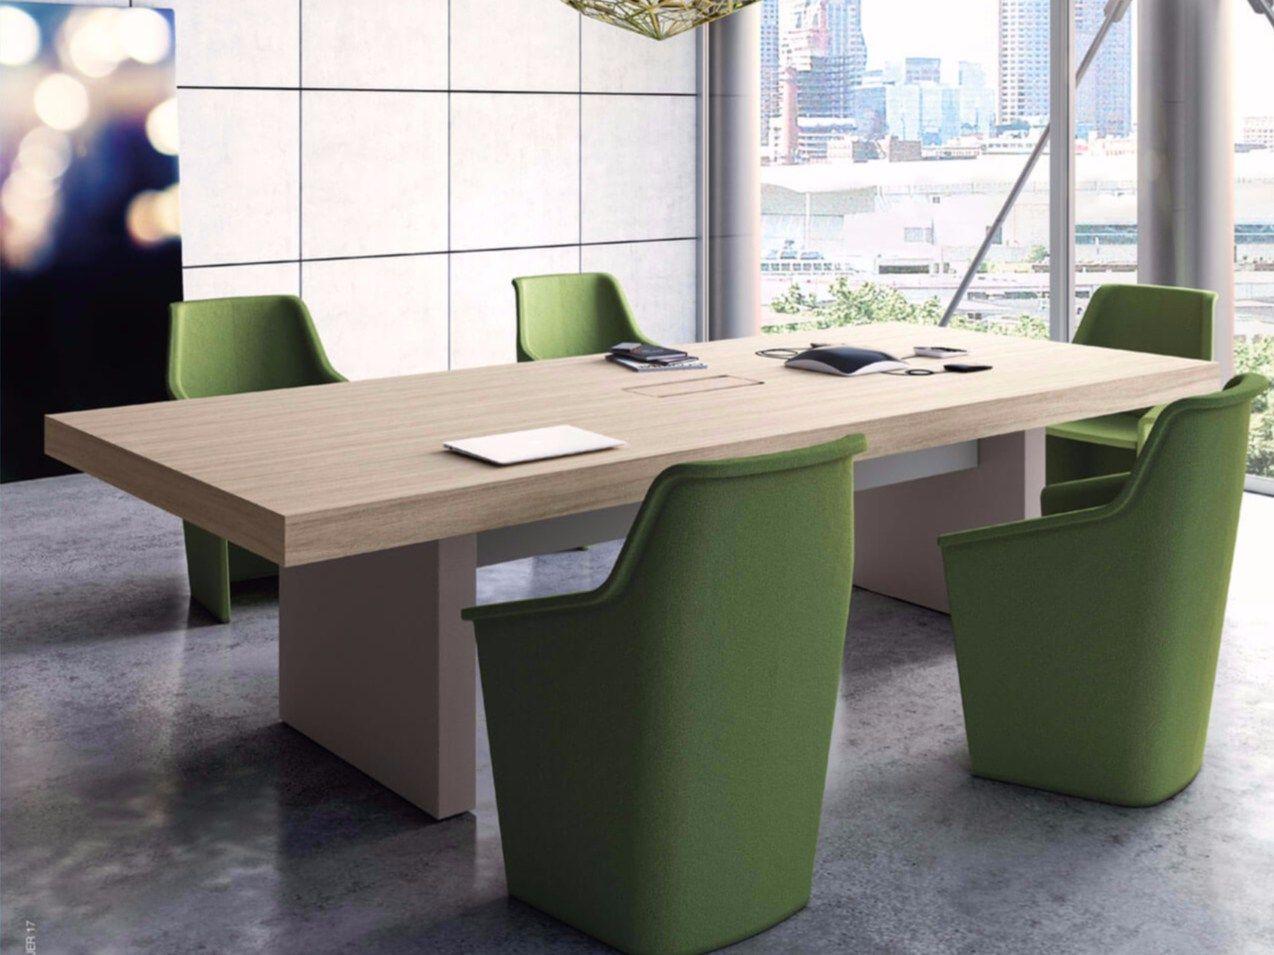 Las Mobili Per Ufficio. Awesome Arredo Reception E Accoglienza Las ...